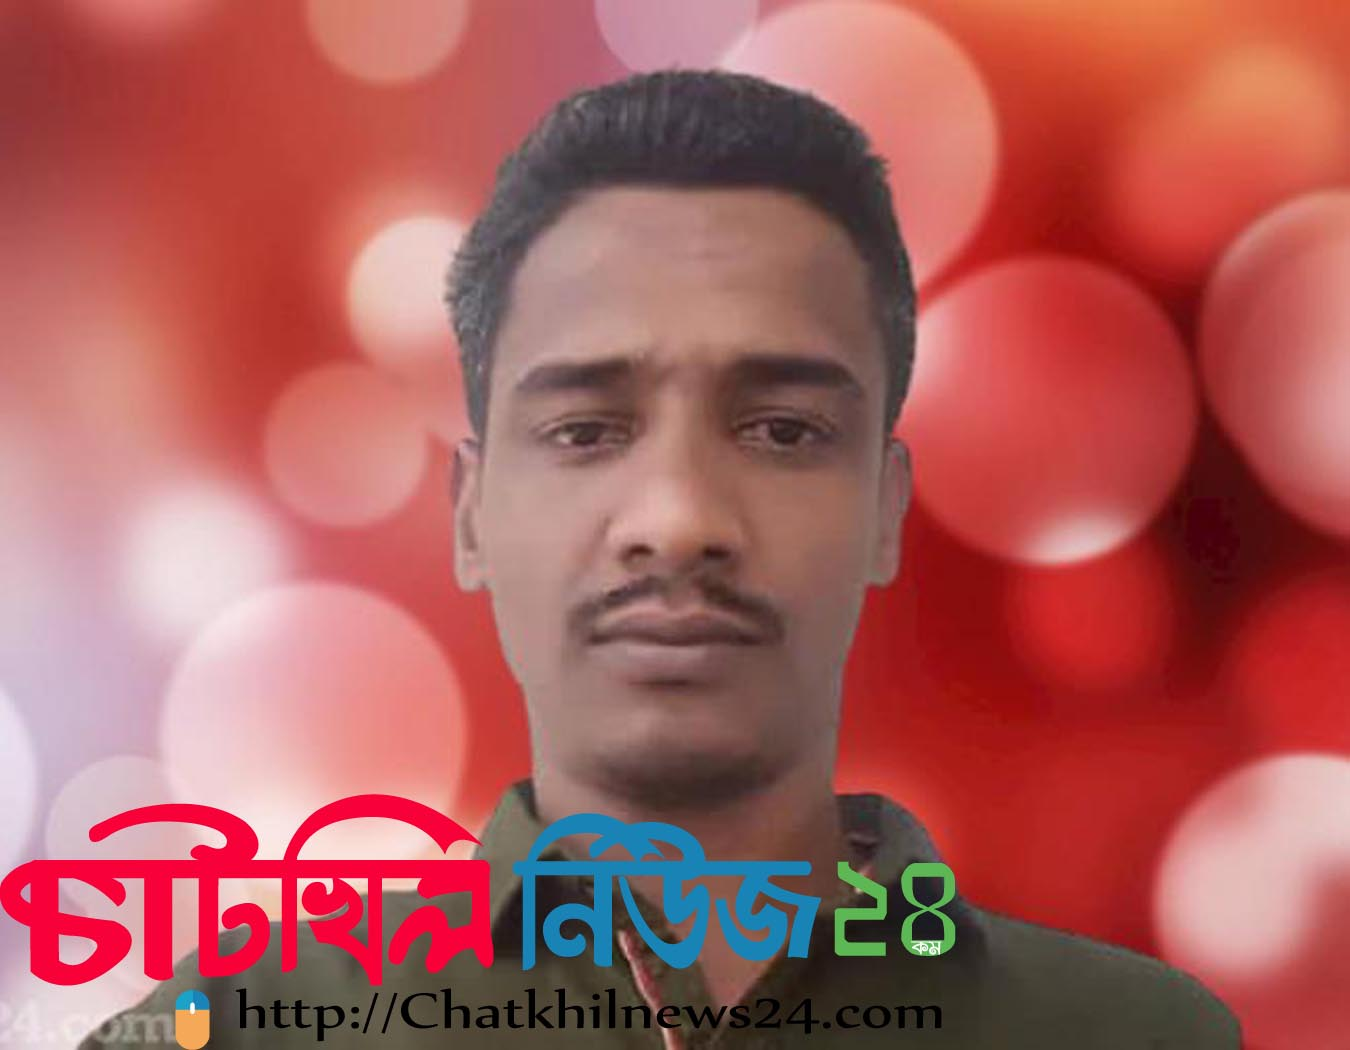 চাটখিলে স্কুল ছাত্রীকে শ্লীনতাহানির অভিযোগে ৩ সন্তানের জনক গ্রেফতার